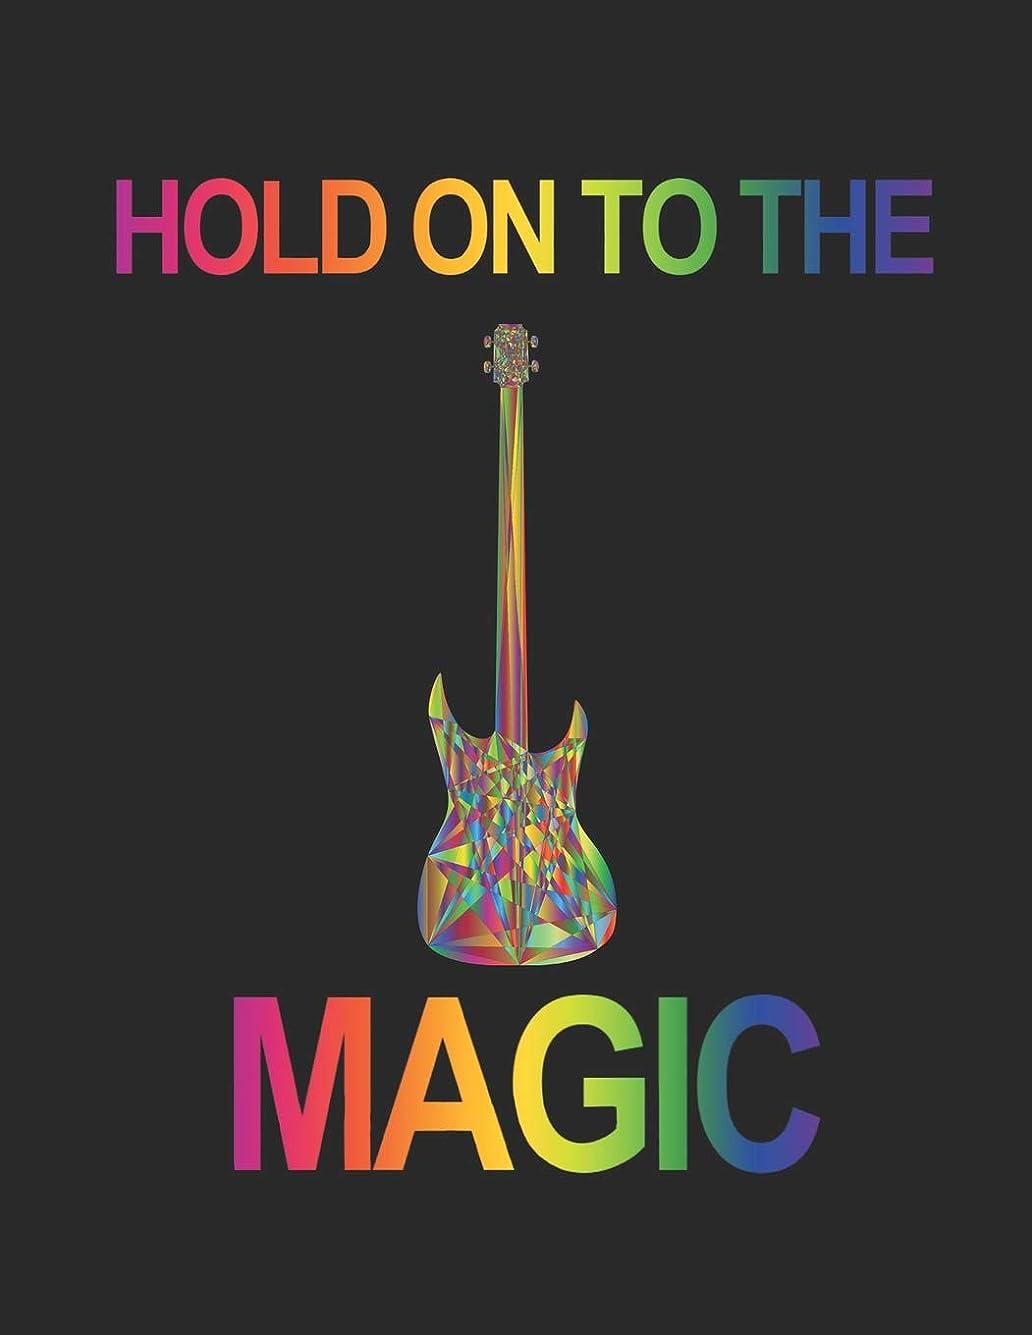 シャワー平和な理想的Hold on to the Magic: 120 pages of blank music manuscript paper. Each page containing 7 staves plus 5 guitar tabs 8.5